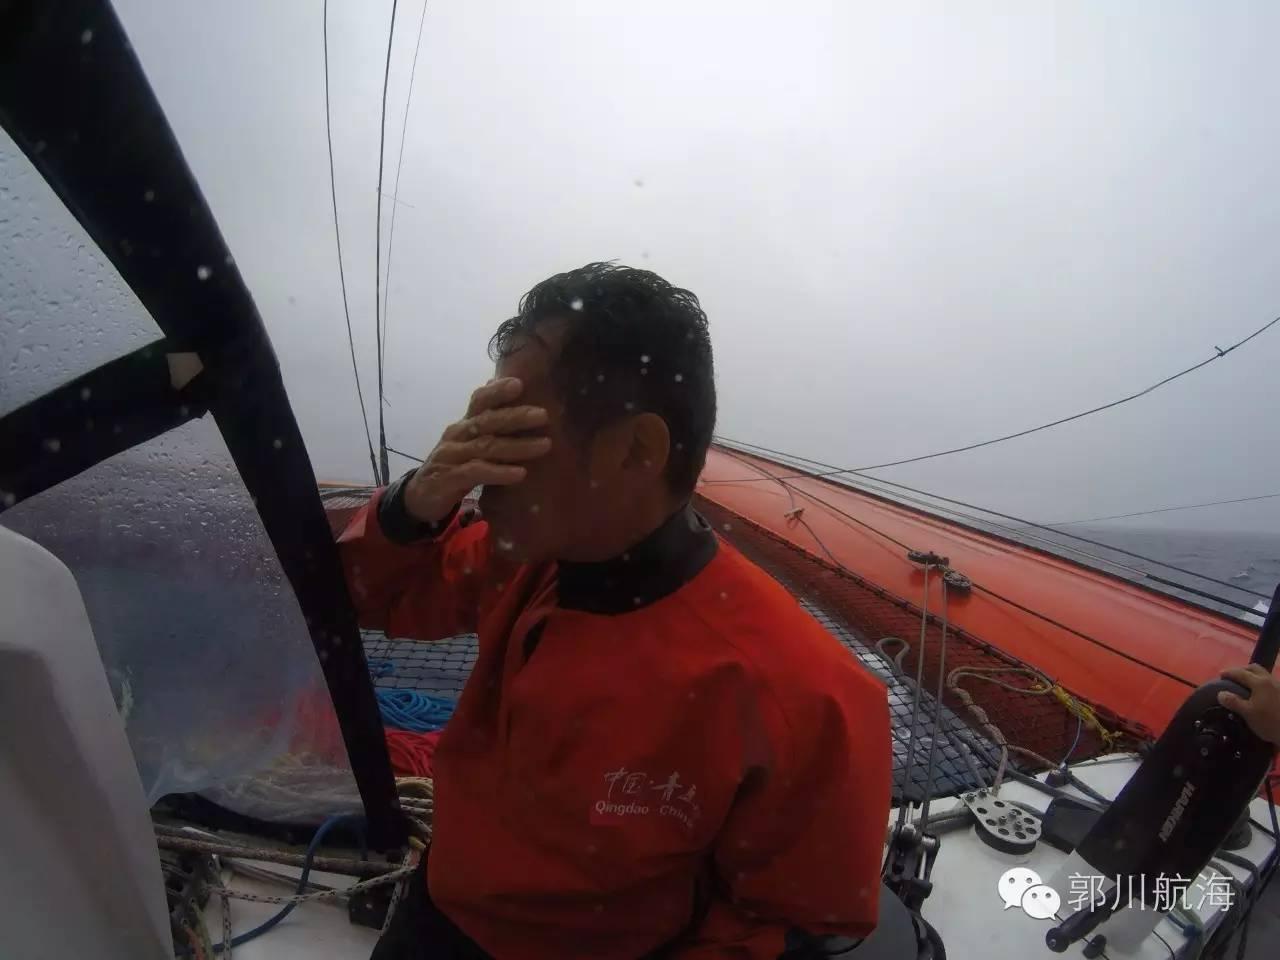 川越大西洋,航向里约。---郭川航海日志连载 6f415f445e6fb726237d0e3b5ac2dd9c.jpg